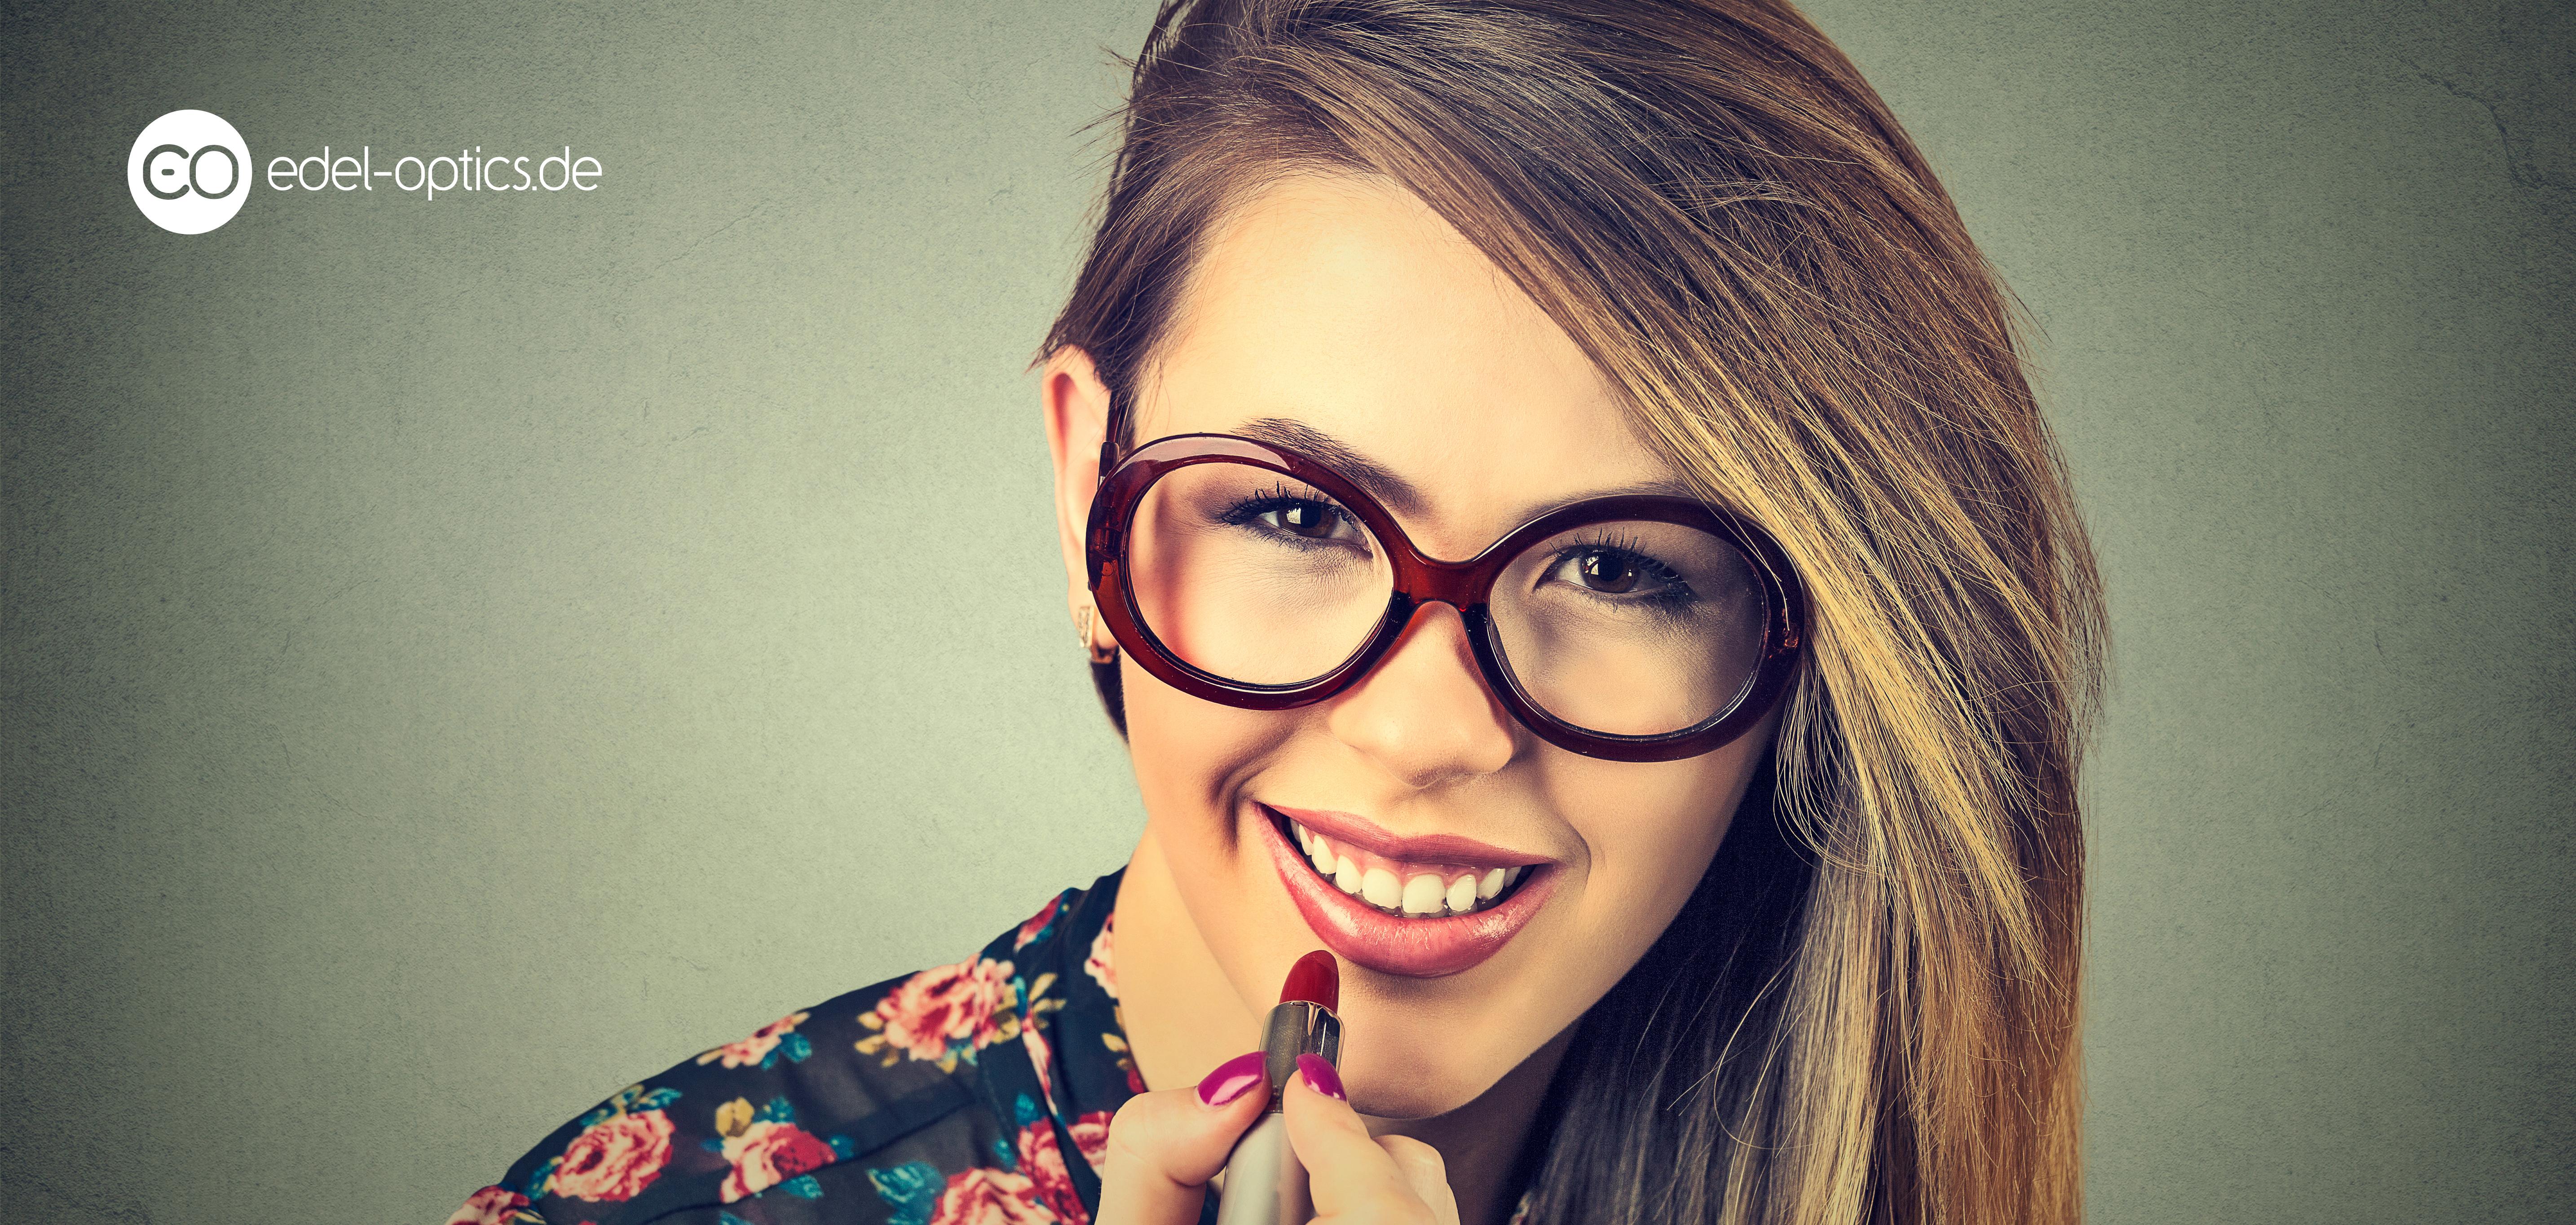 Brillenträgerinnen frisur Frisuren Für